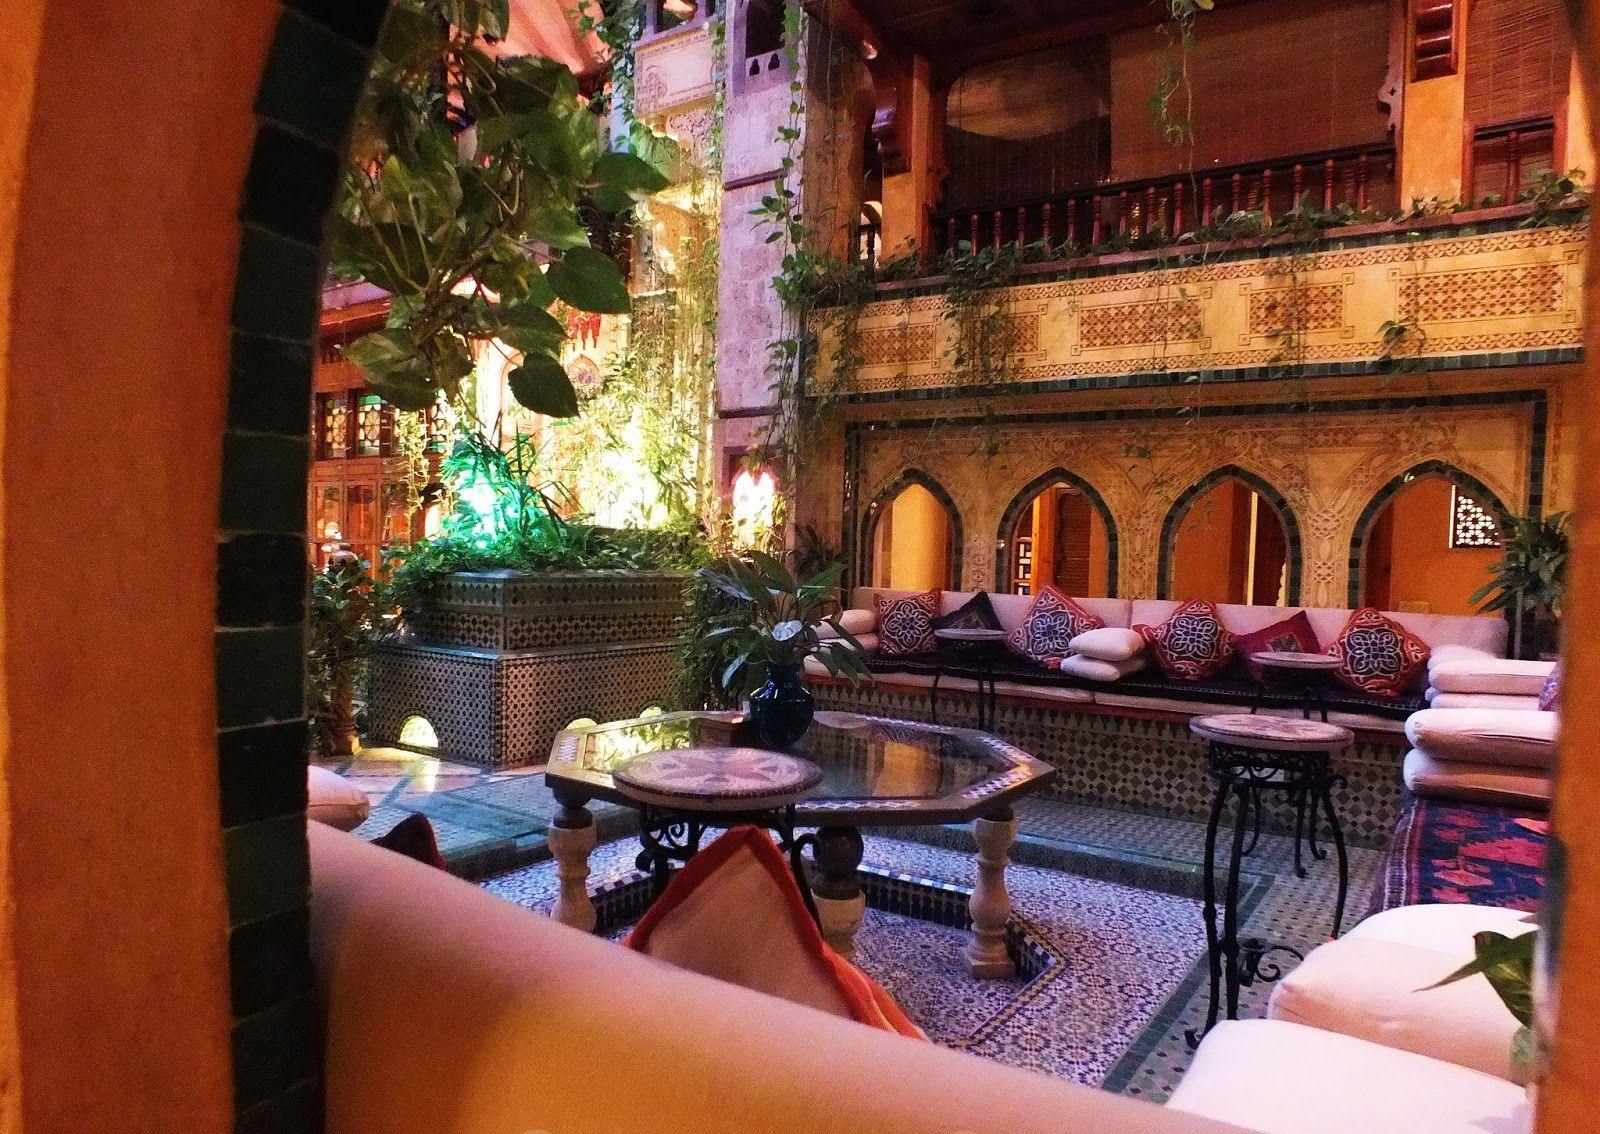 دار زيد Maison De Zaid Home Jeddah Saudi Arabia Menu Prices Restaurant Reviews Facebook